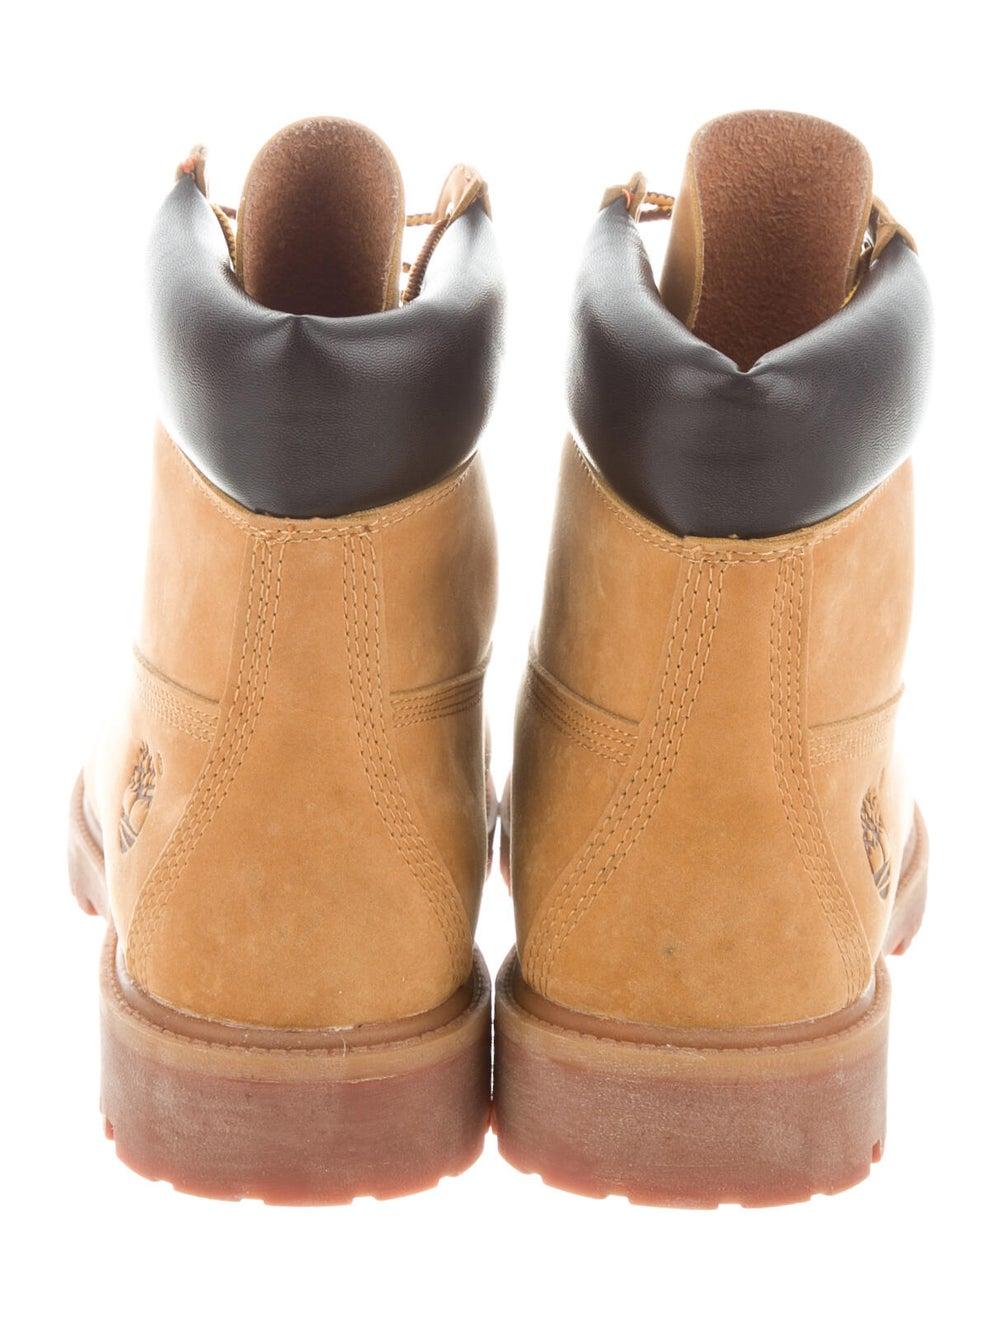 Timberland 6-Inch Premium Nubuck Hiking Boots - image 4